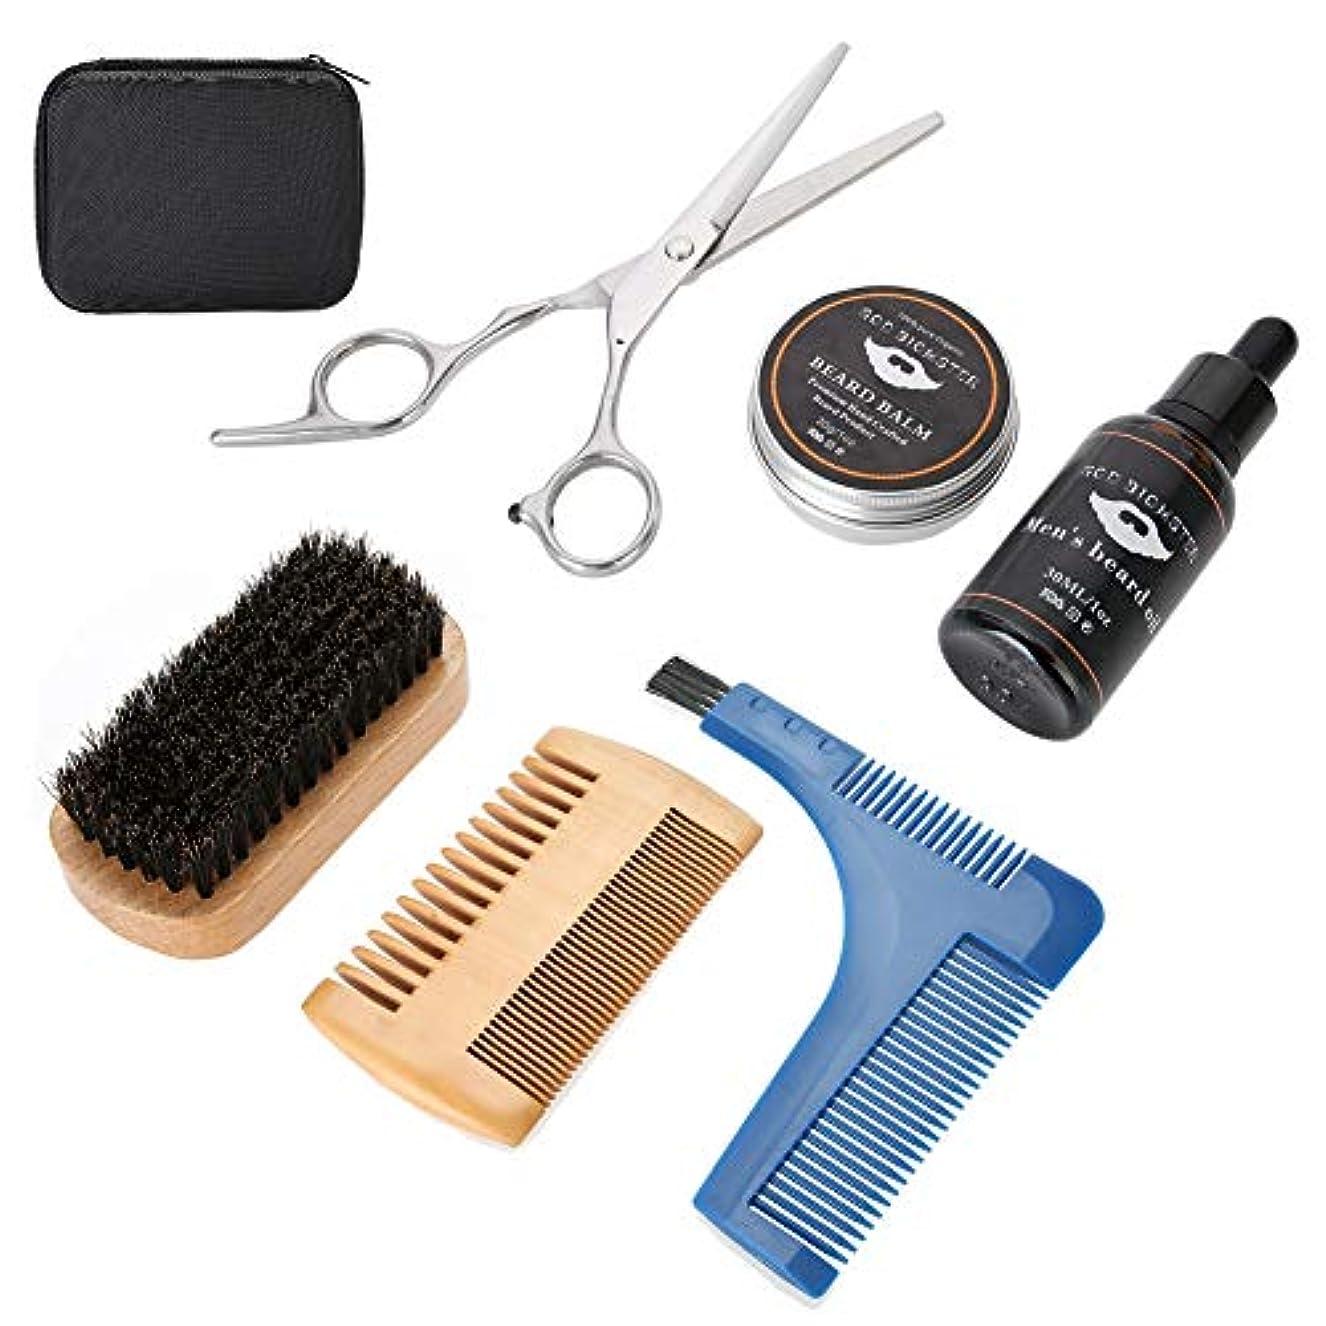 繰り返す戸口誰もひげのスタイリングセット、7個/セットポータブルひげのスタイリングシェーピングクリームオイルブラシくしシザー用口ひげヘアケア